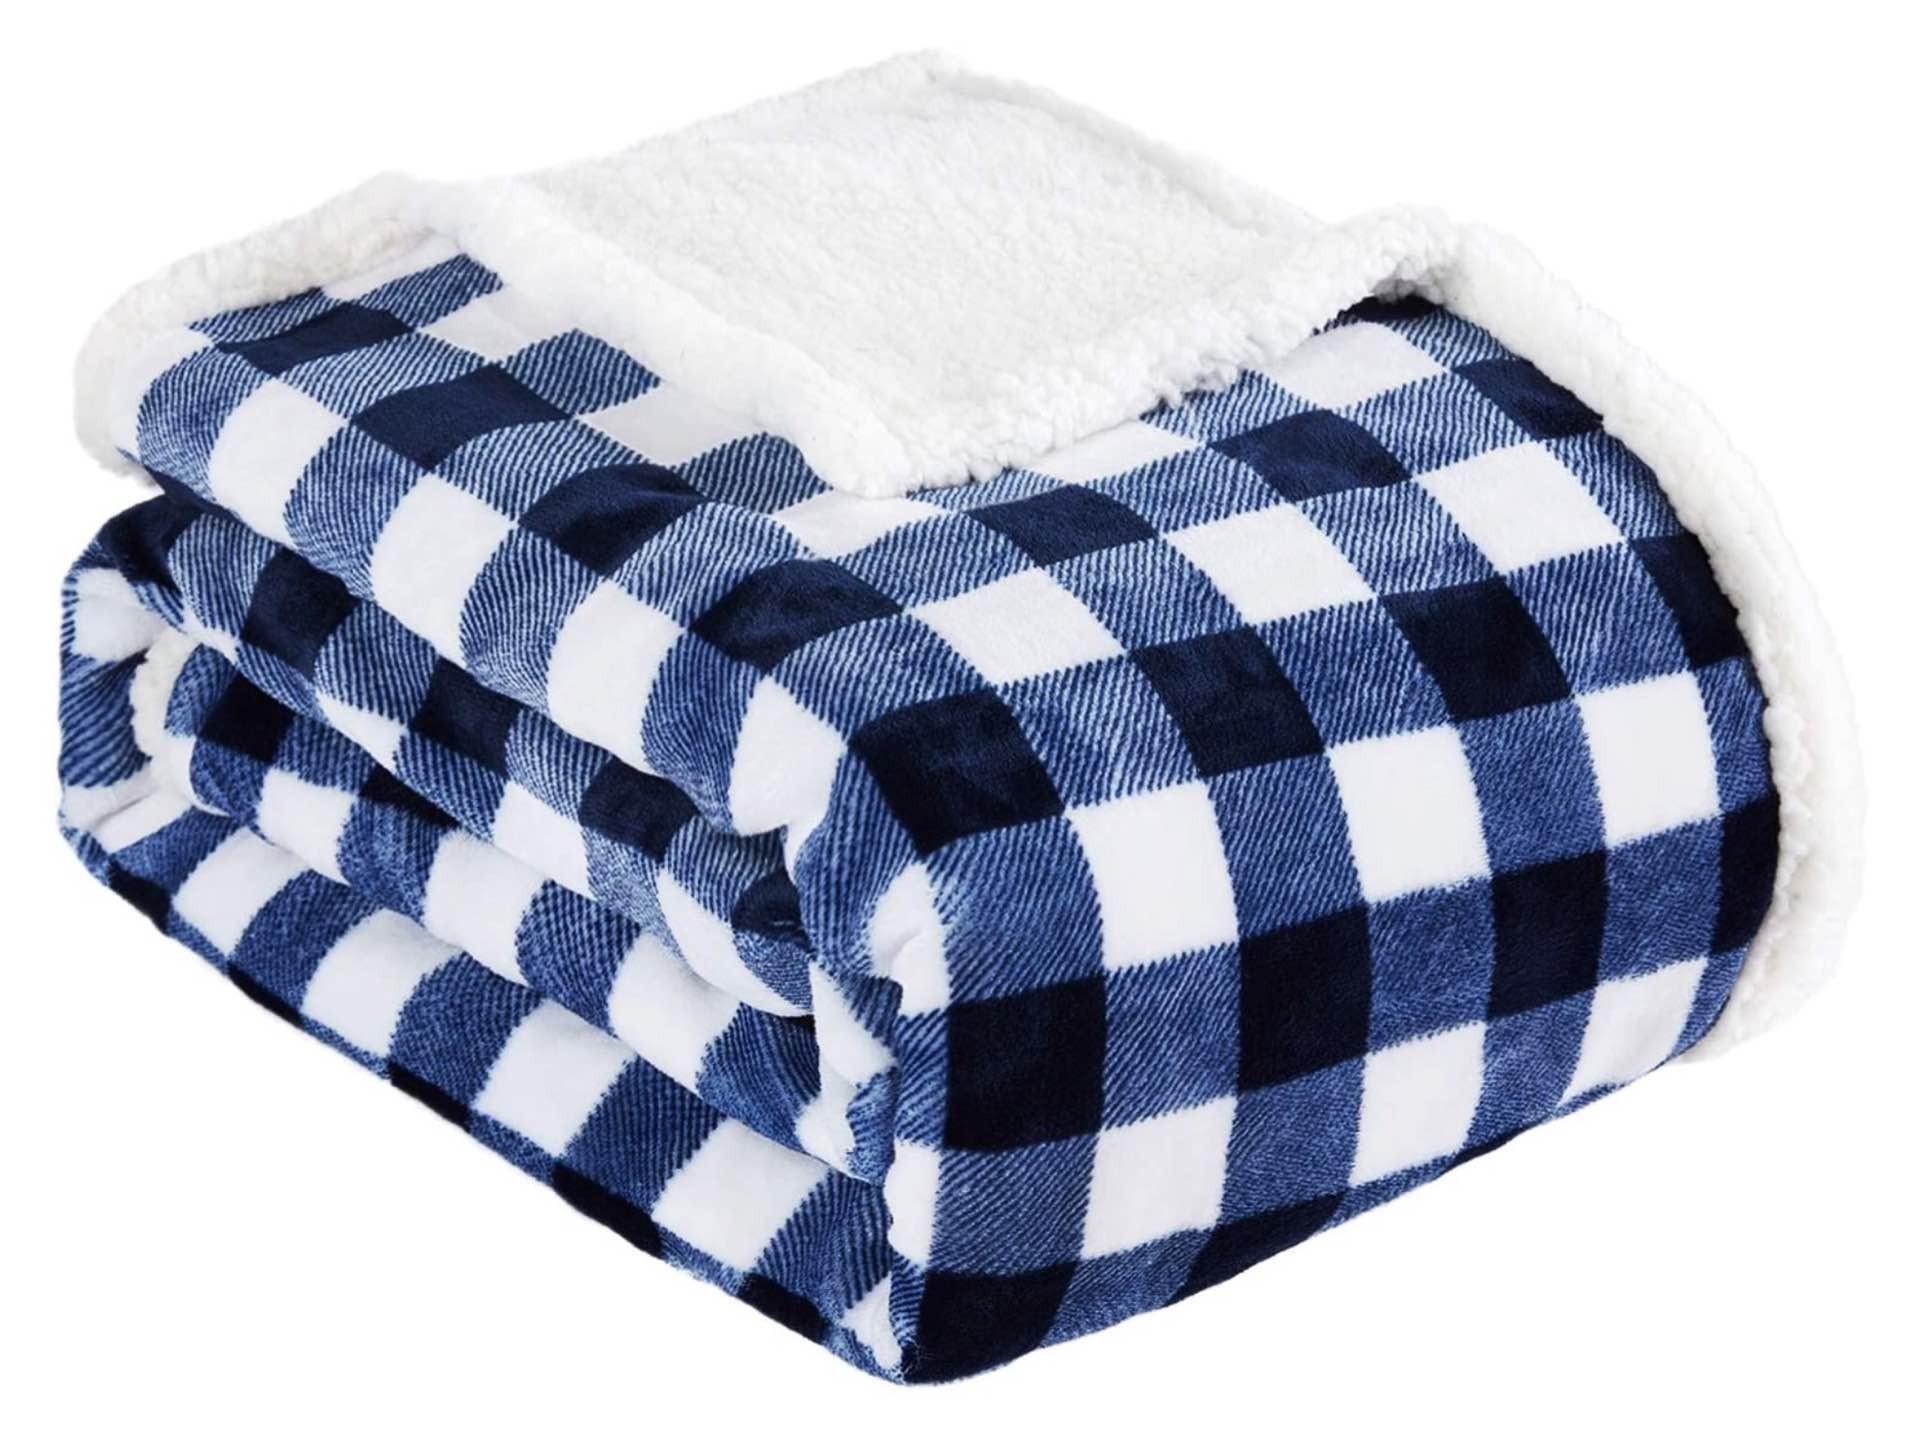 Beautex sherpa fleece blanket. ($31)